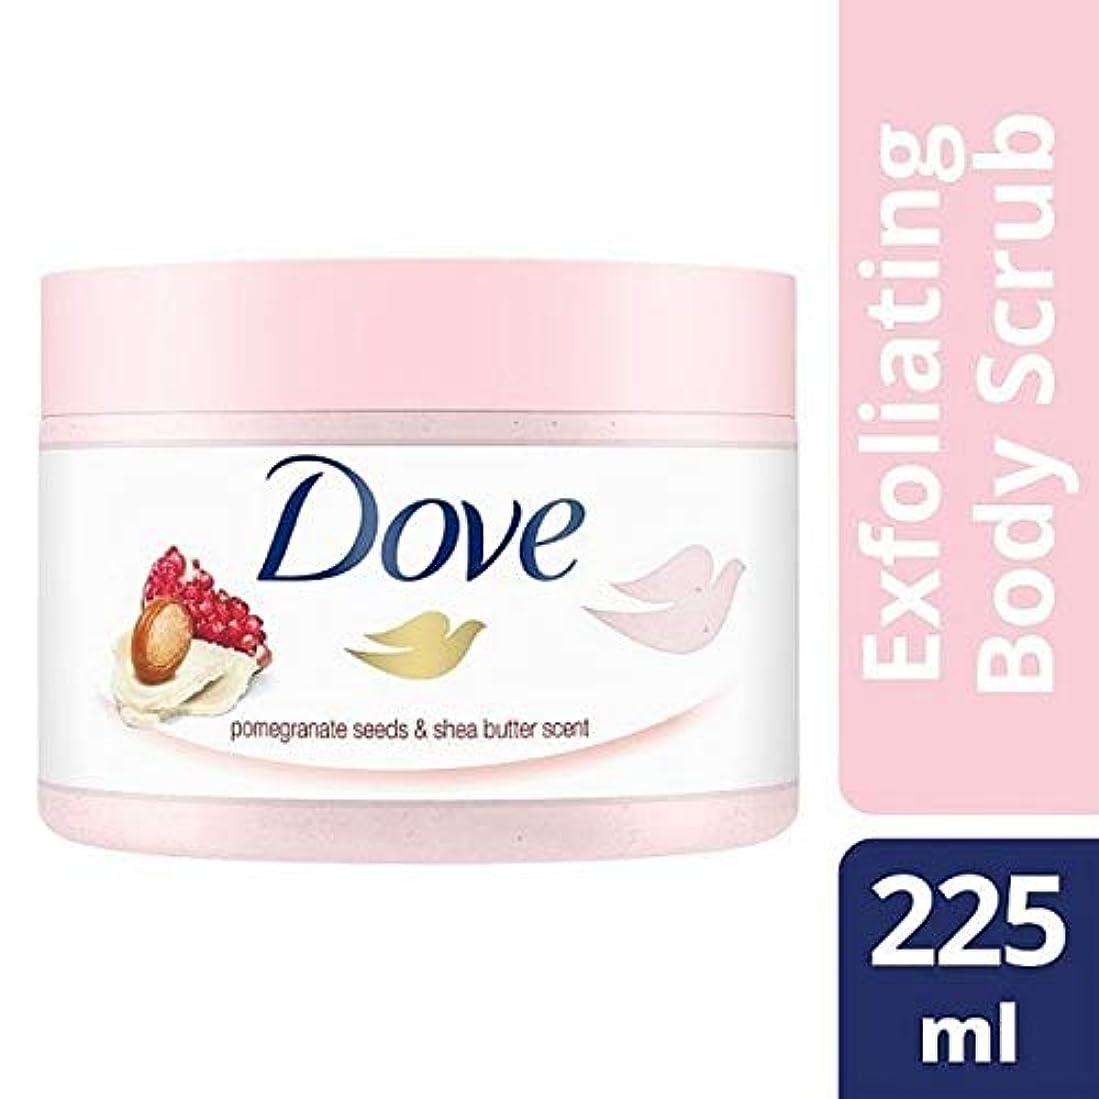 深遠スキニー体操[Dove ] 225ミリリットルボディスクラブザクロ種子を剥離鳩 - Dove Exfoliating Body Scrub Pomegranate Seeds 225ml [並行輸入品]